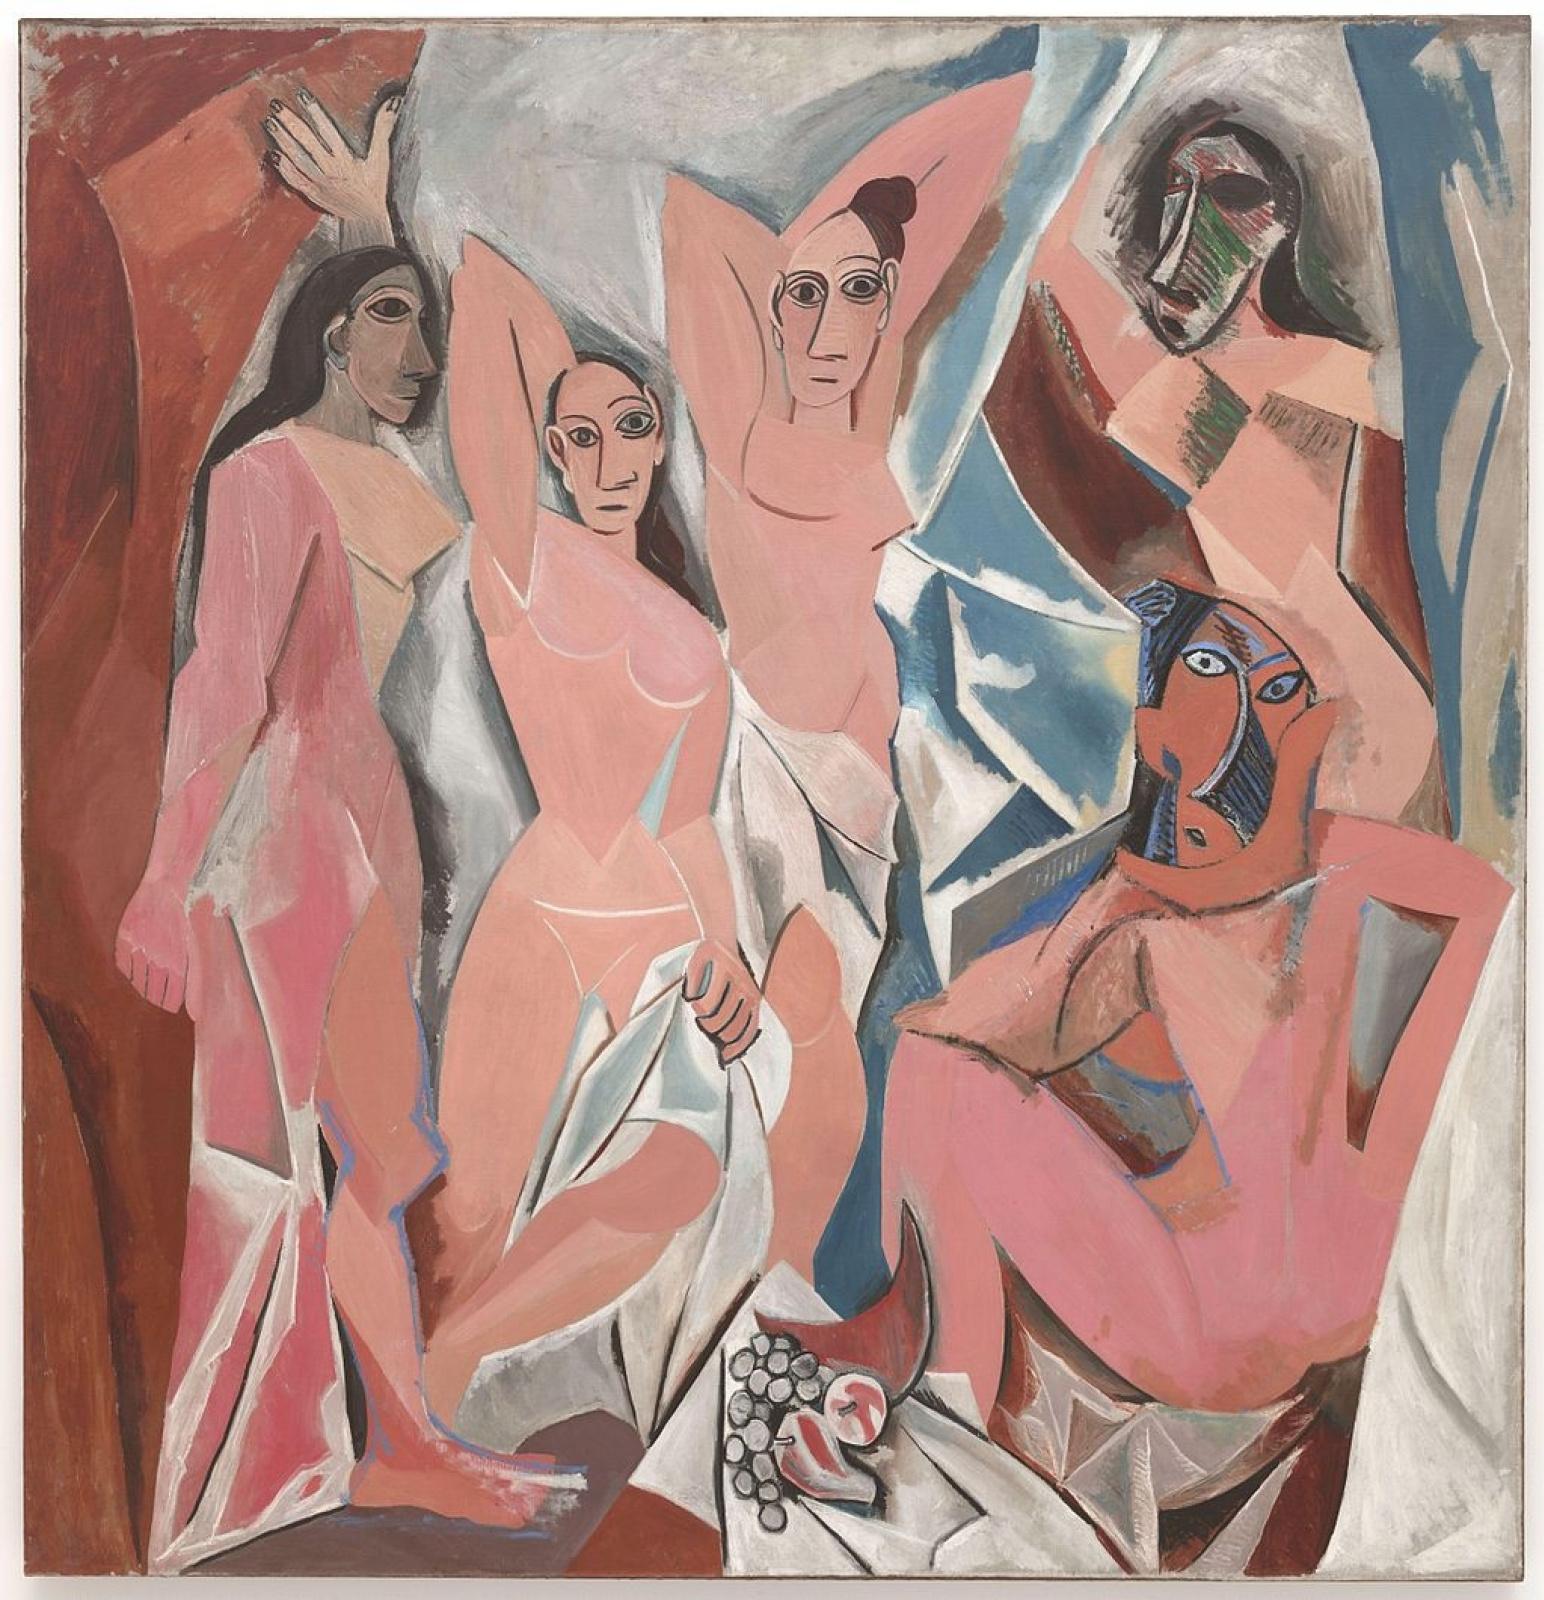 Pablo Picasso. Avignon Girls